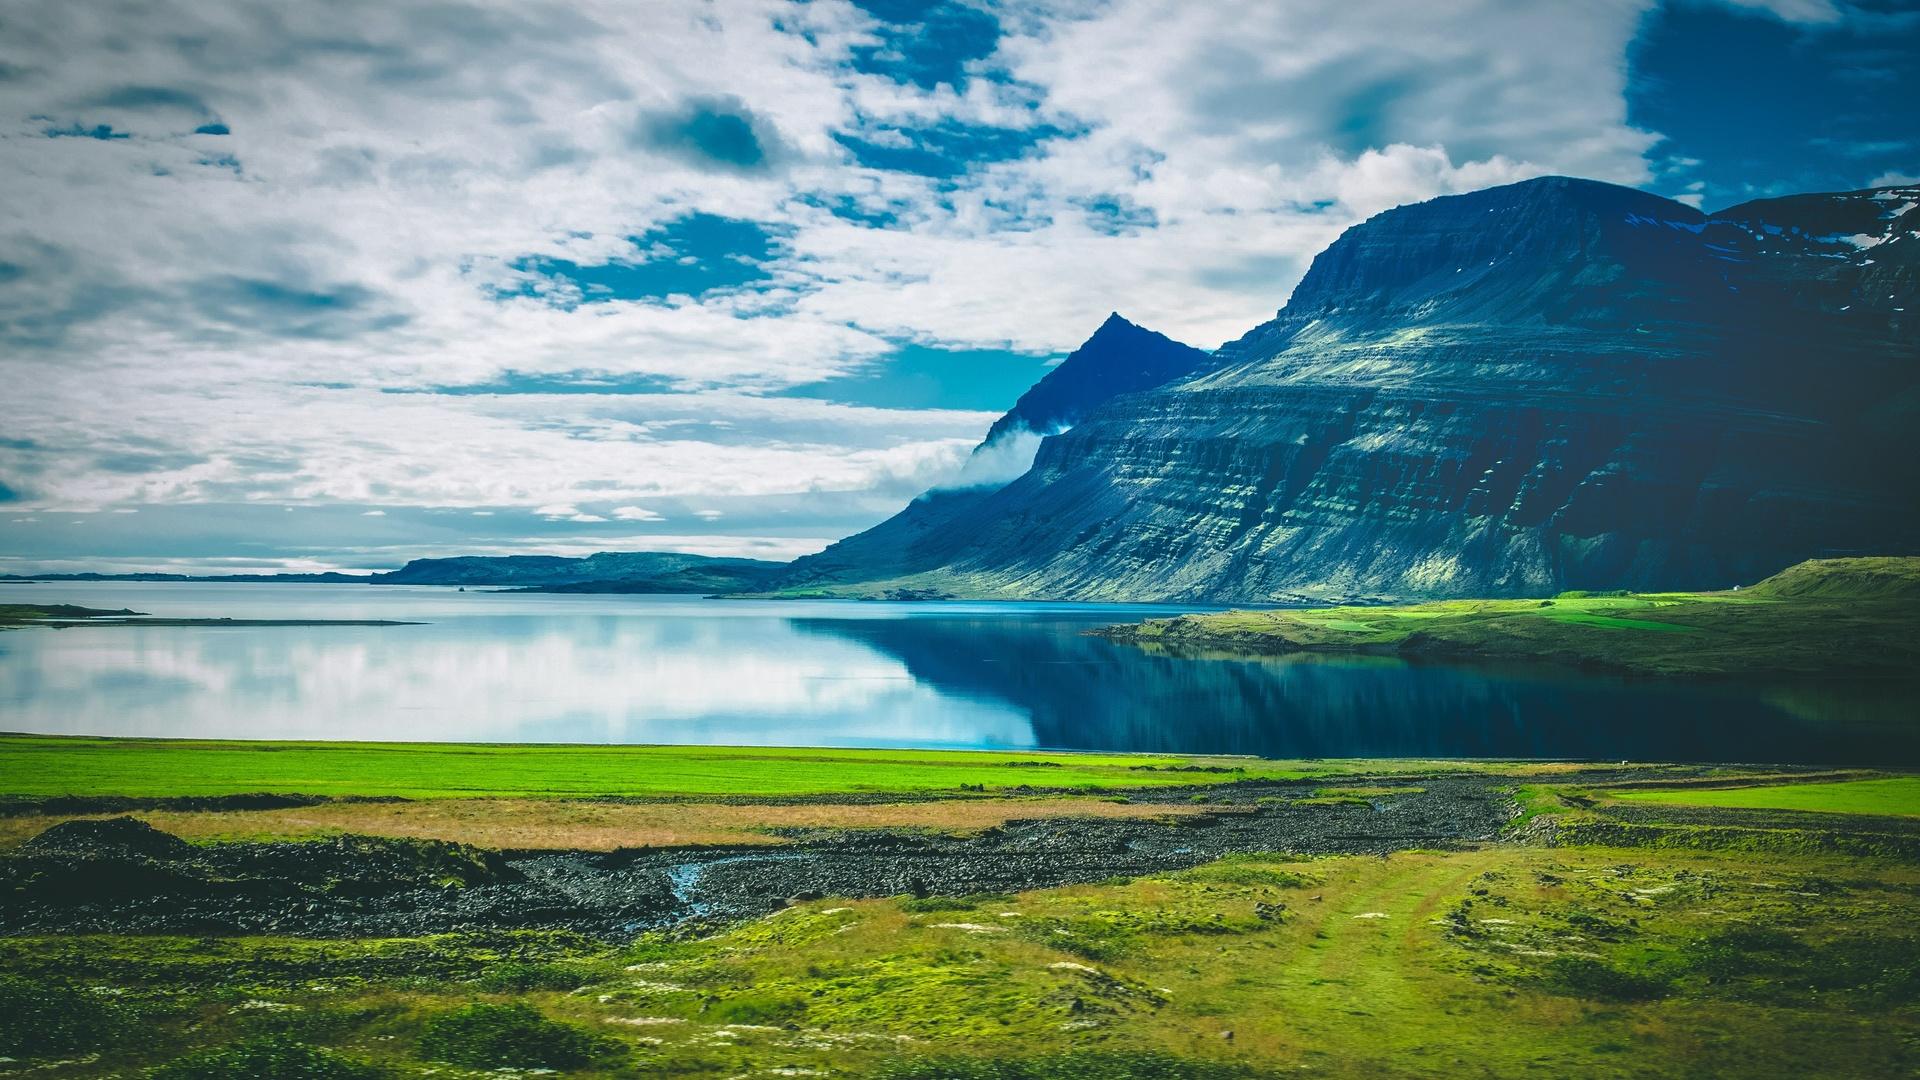 озеро, горы, пейзаж, облака, остров